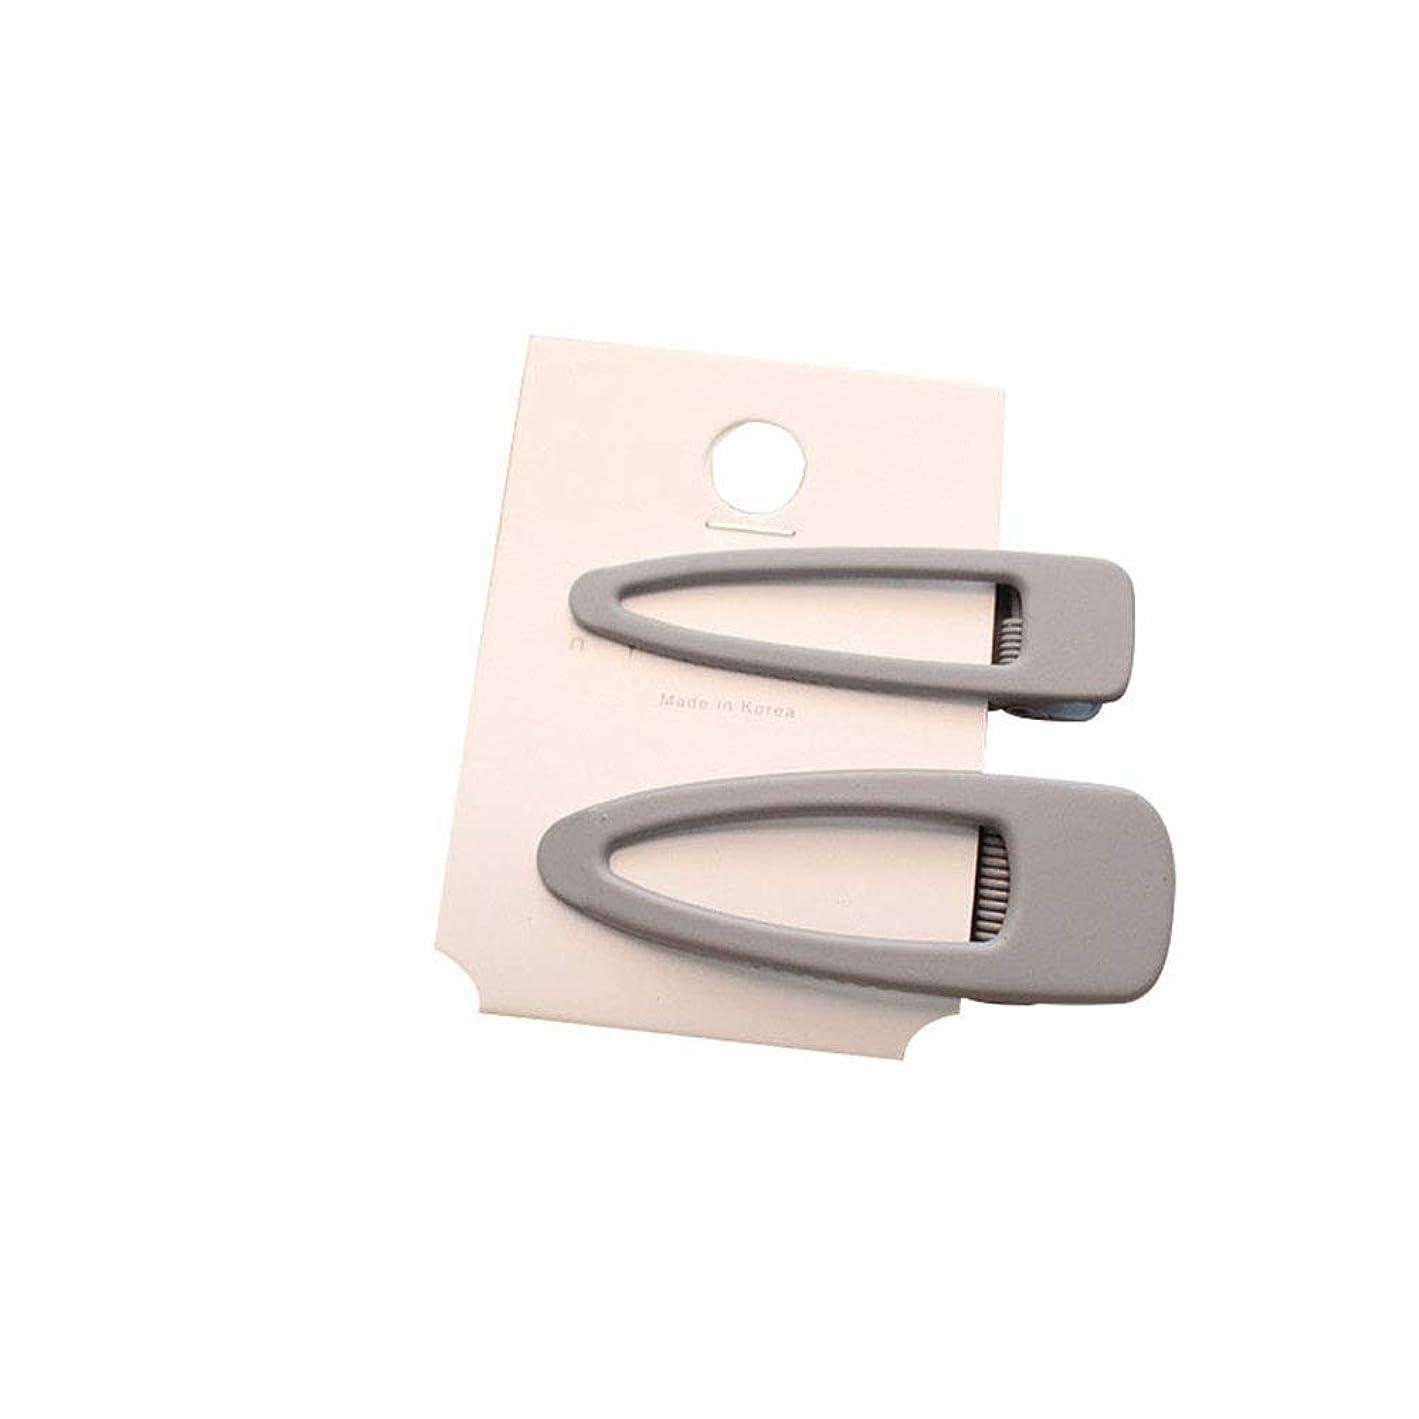 に対処するピグマリオン仕立て屋goupgolboll-2Pcs Kids Girl Pure Color Hair Clip Bangs Hairpin Metal Barrette Headwear Gift - Light Grey